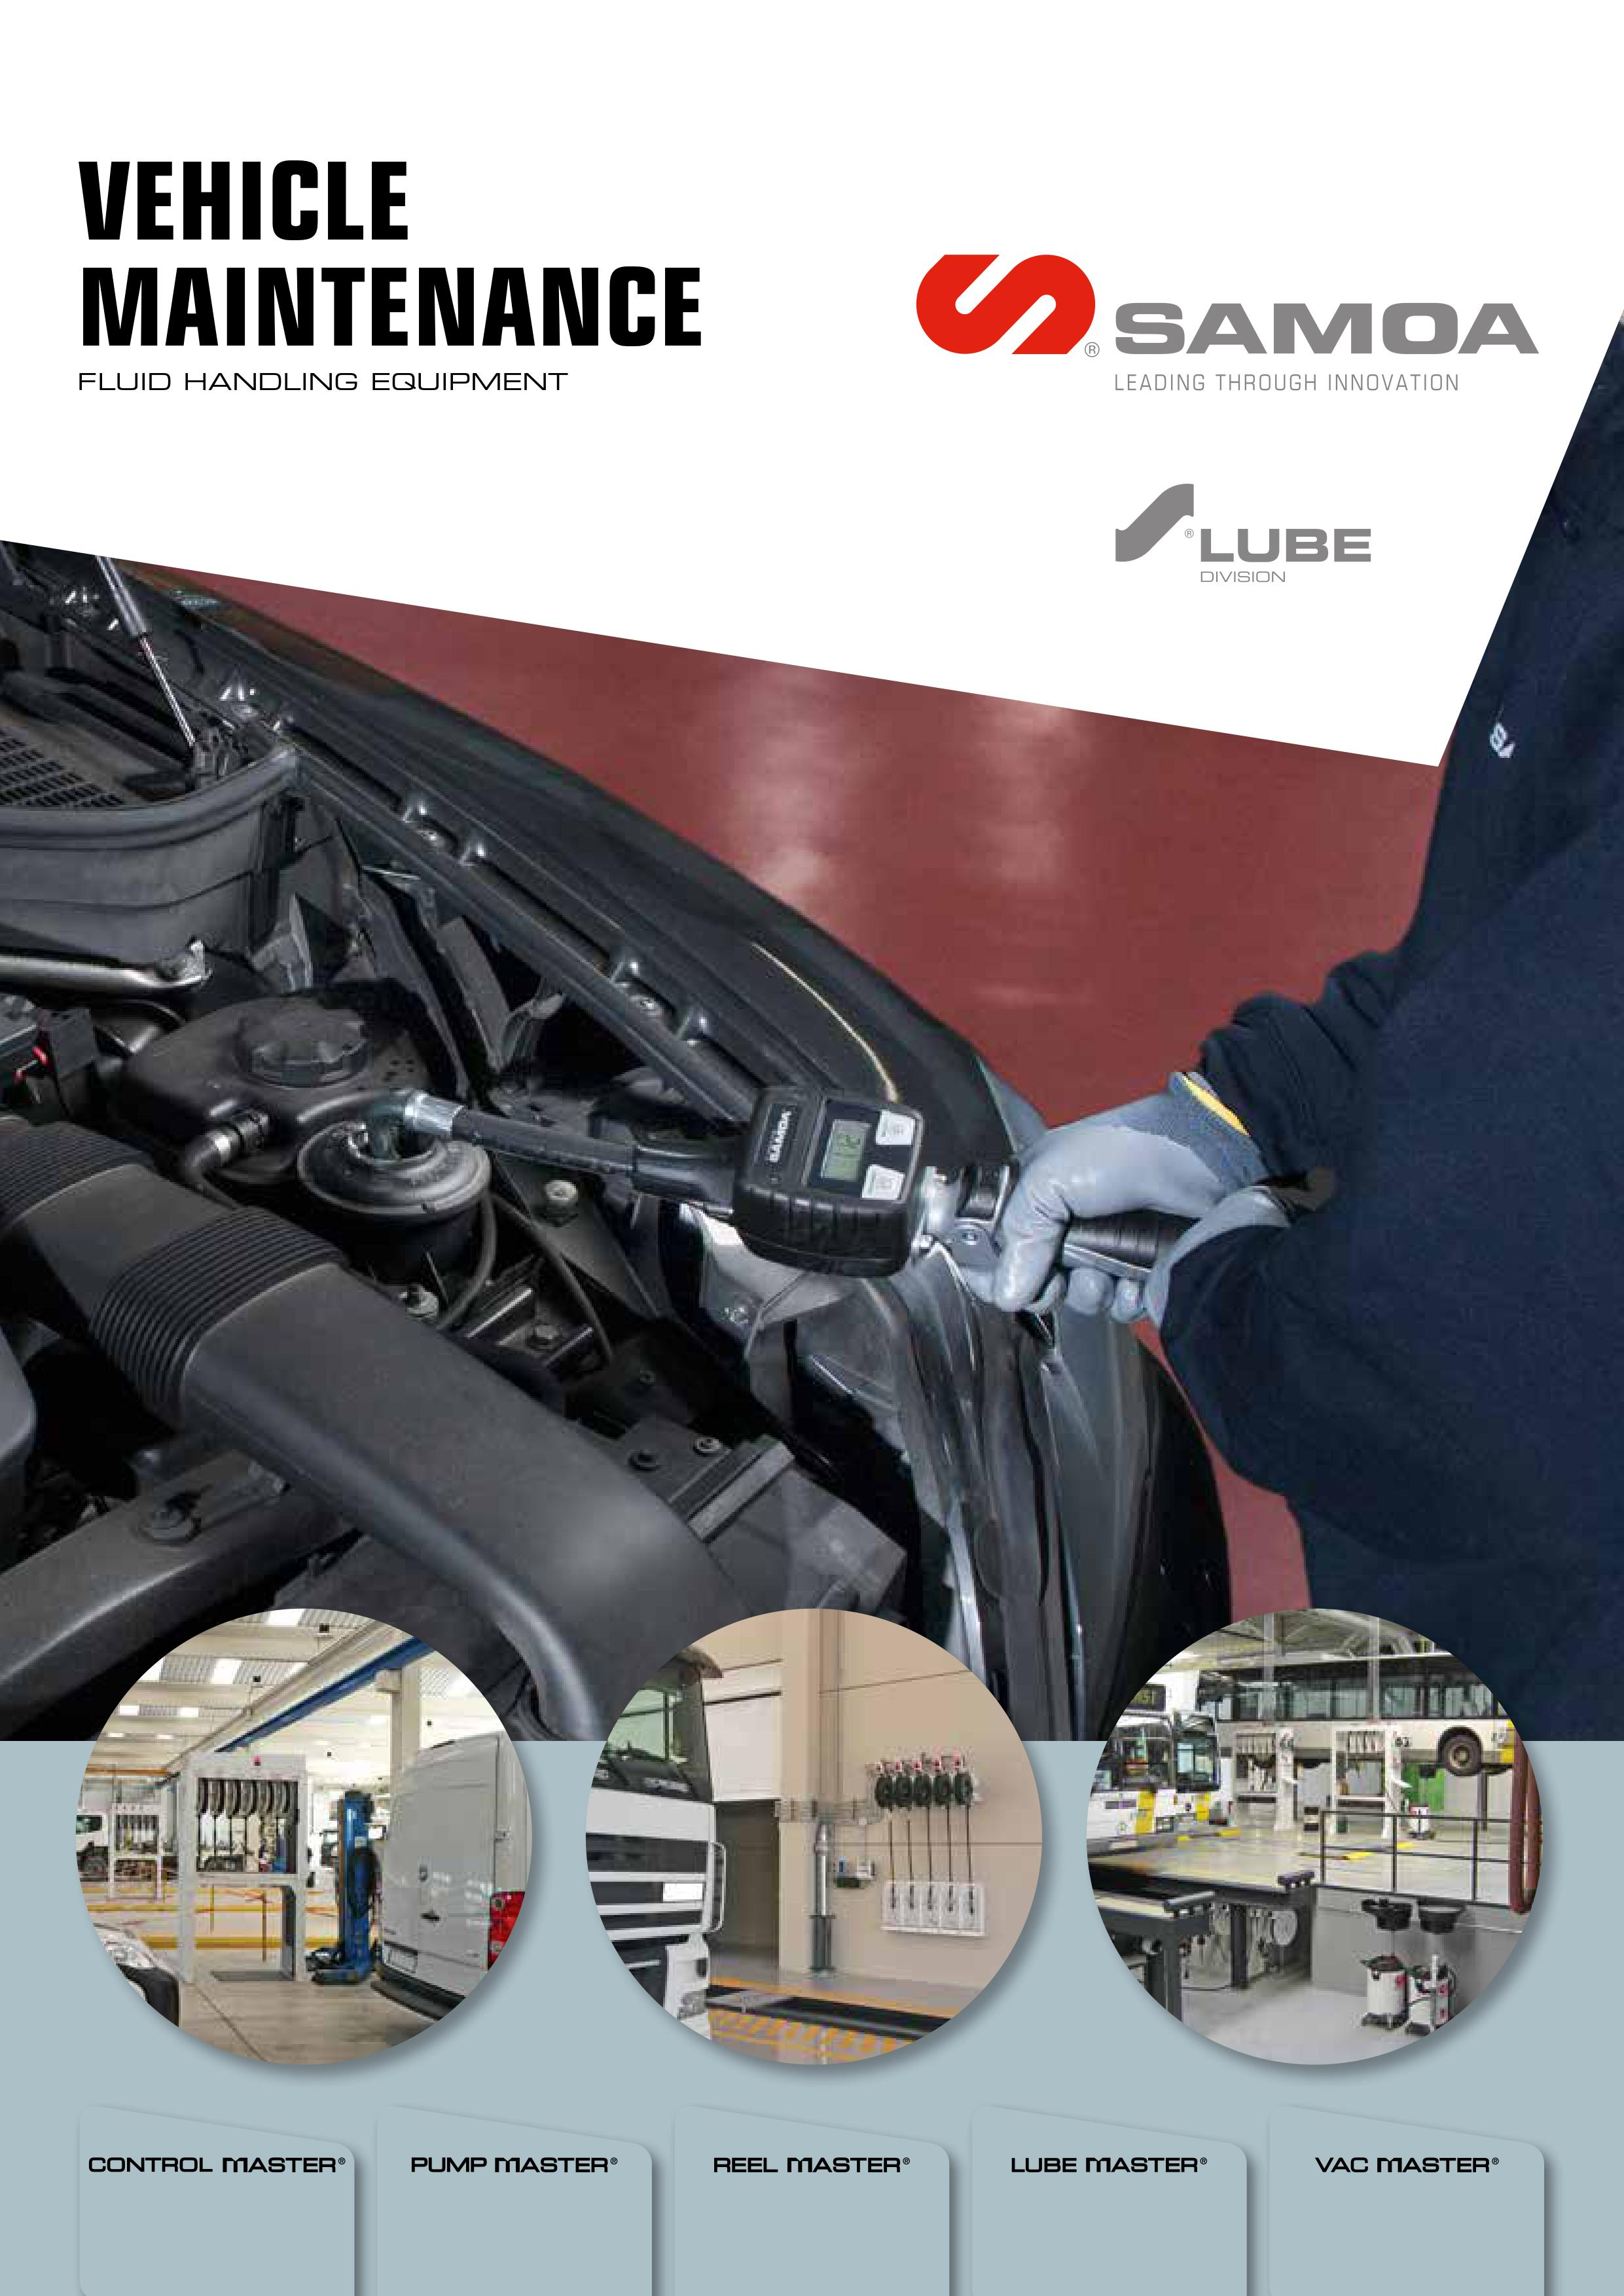 SAMOA Vehicle Maintenance Brochure Cover